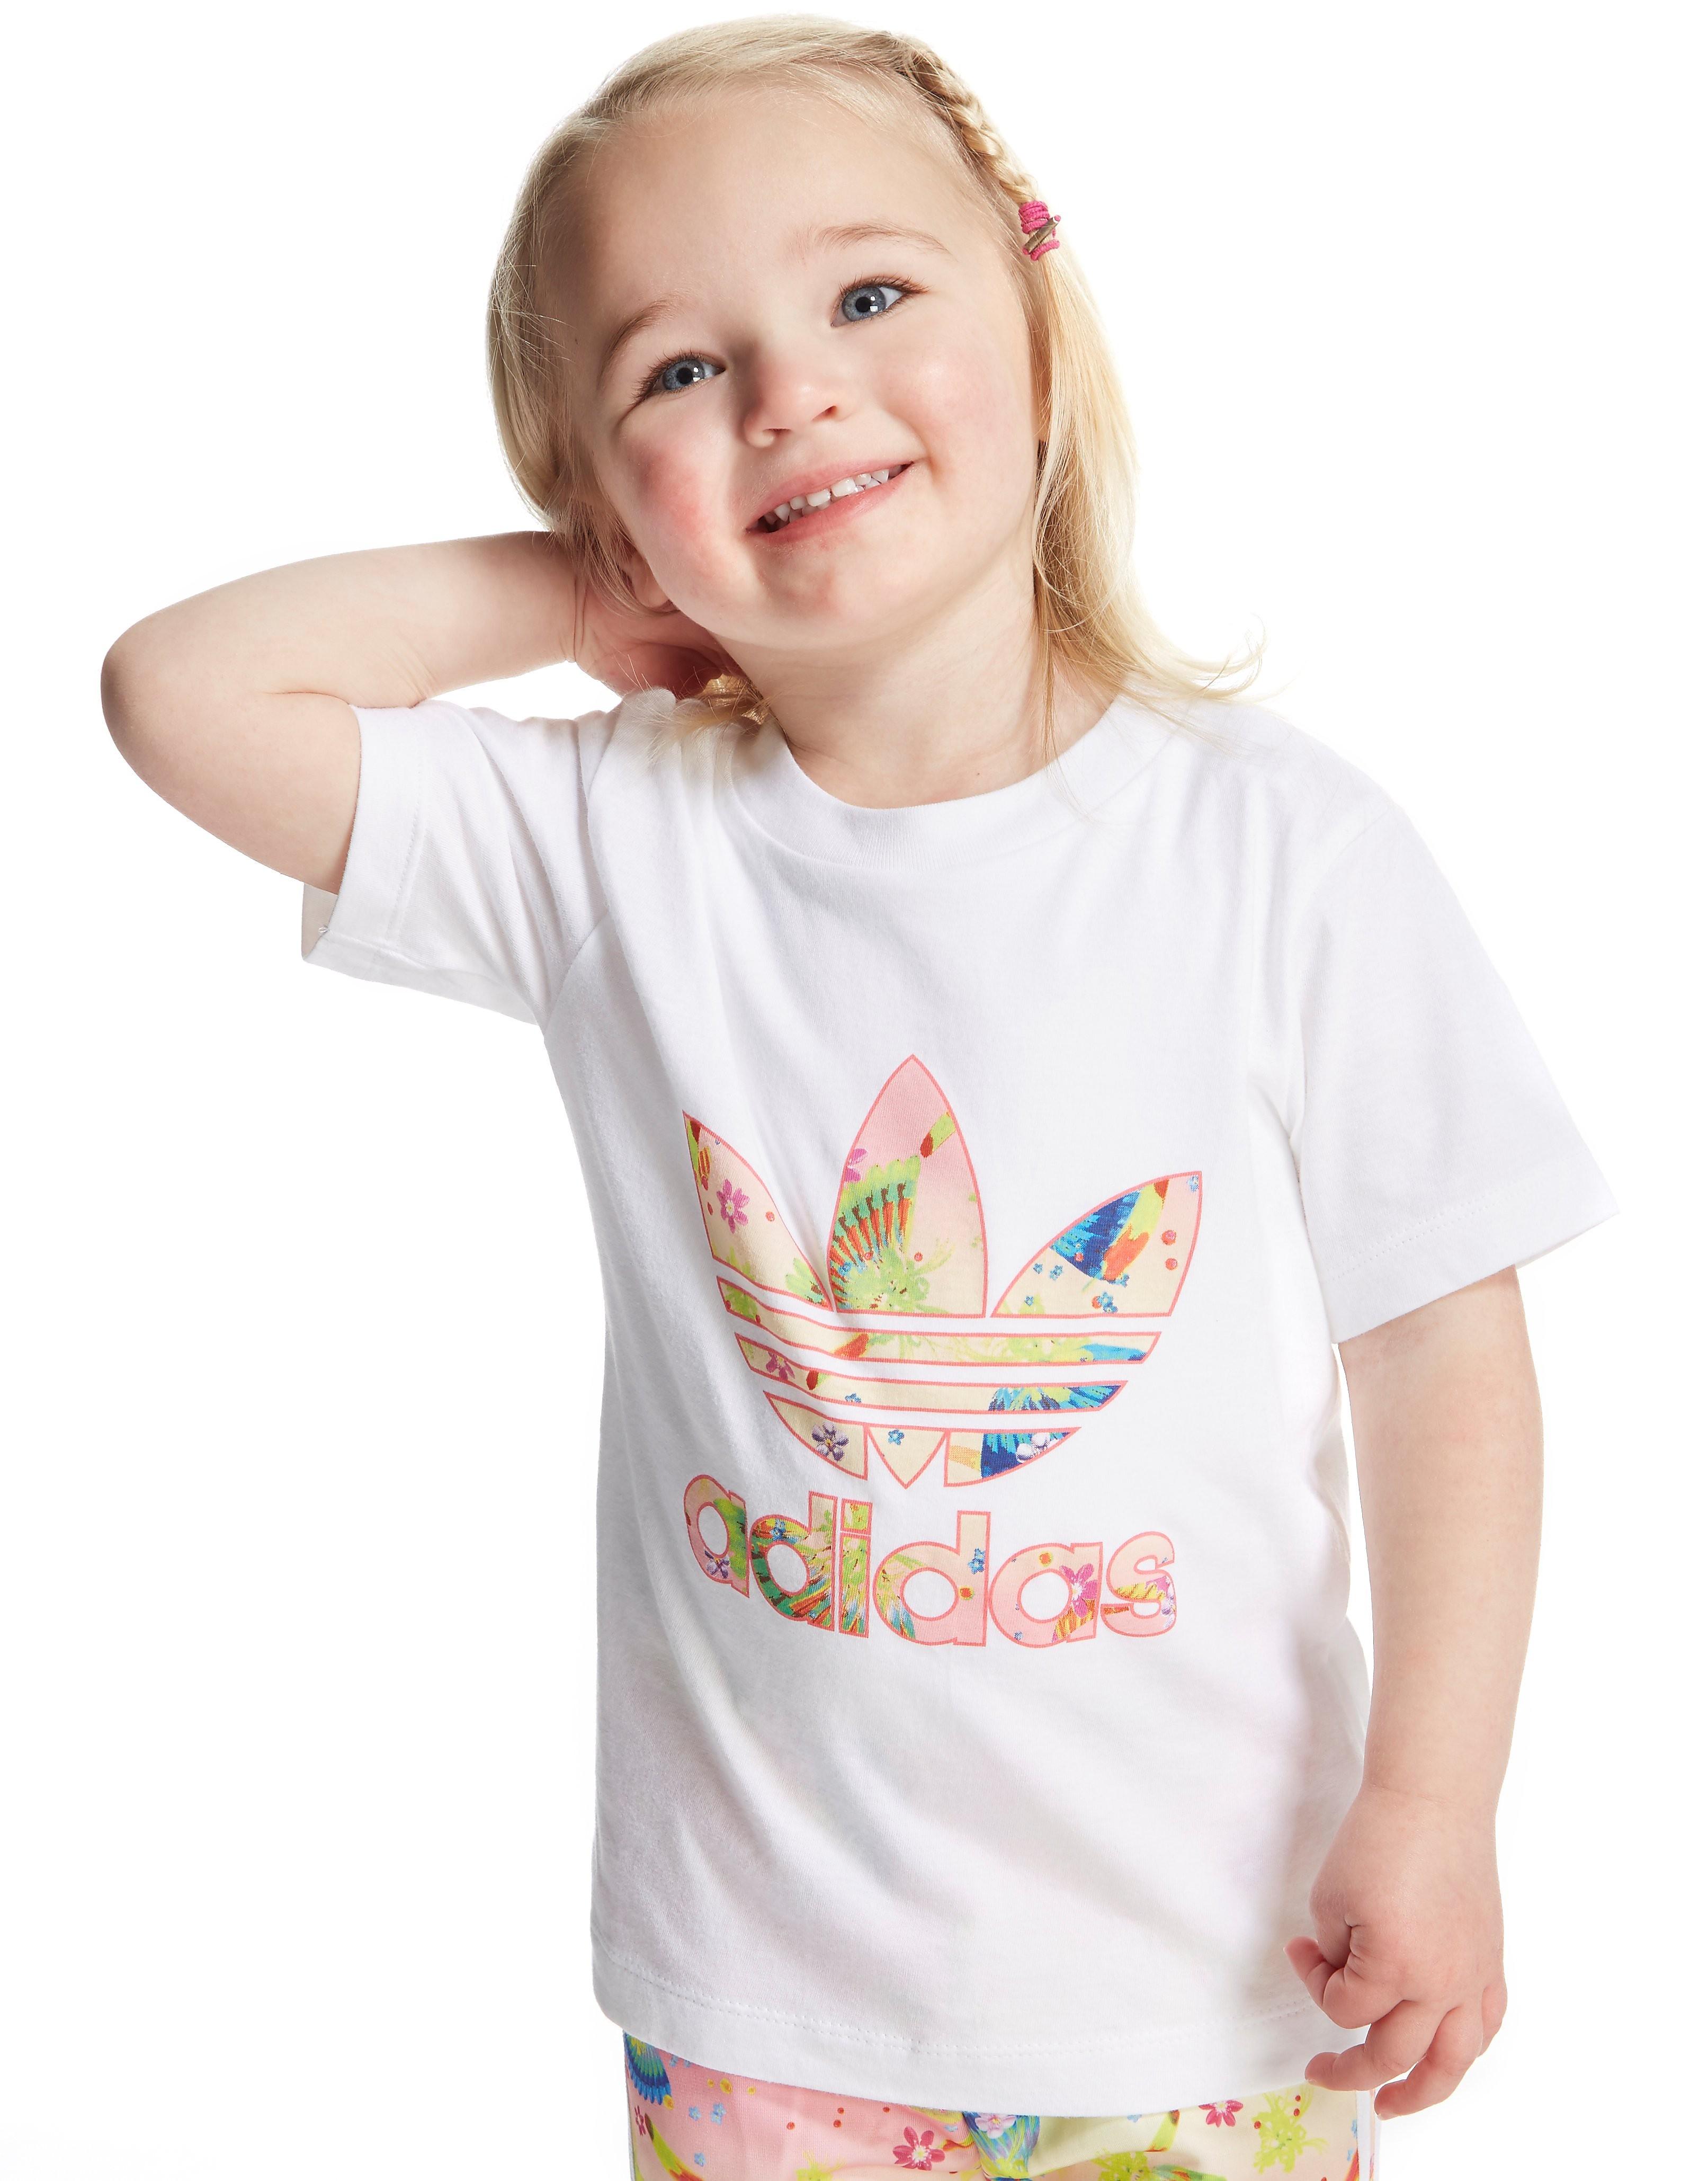 adidas Originals camiseta Farm Infill para bebé